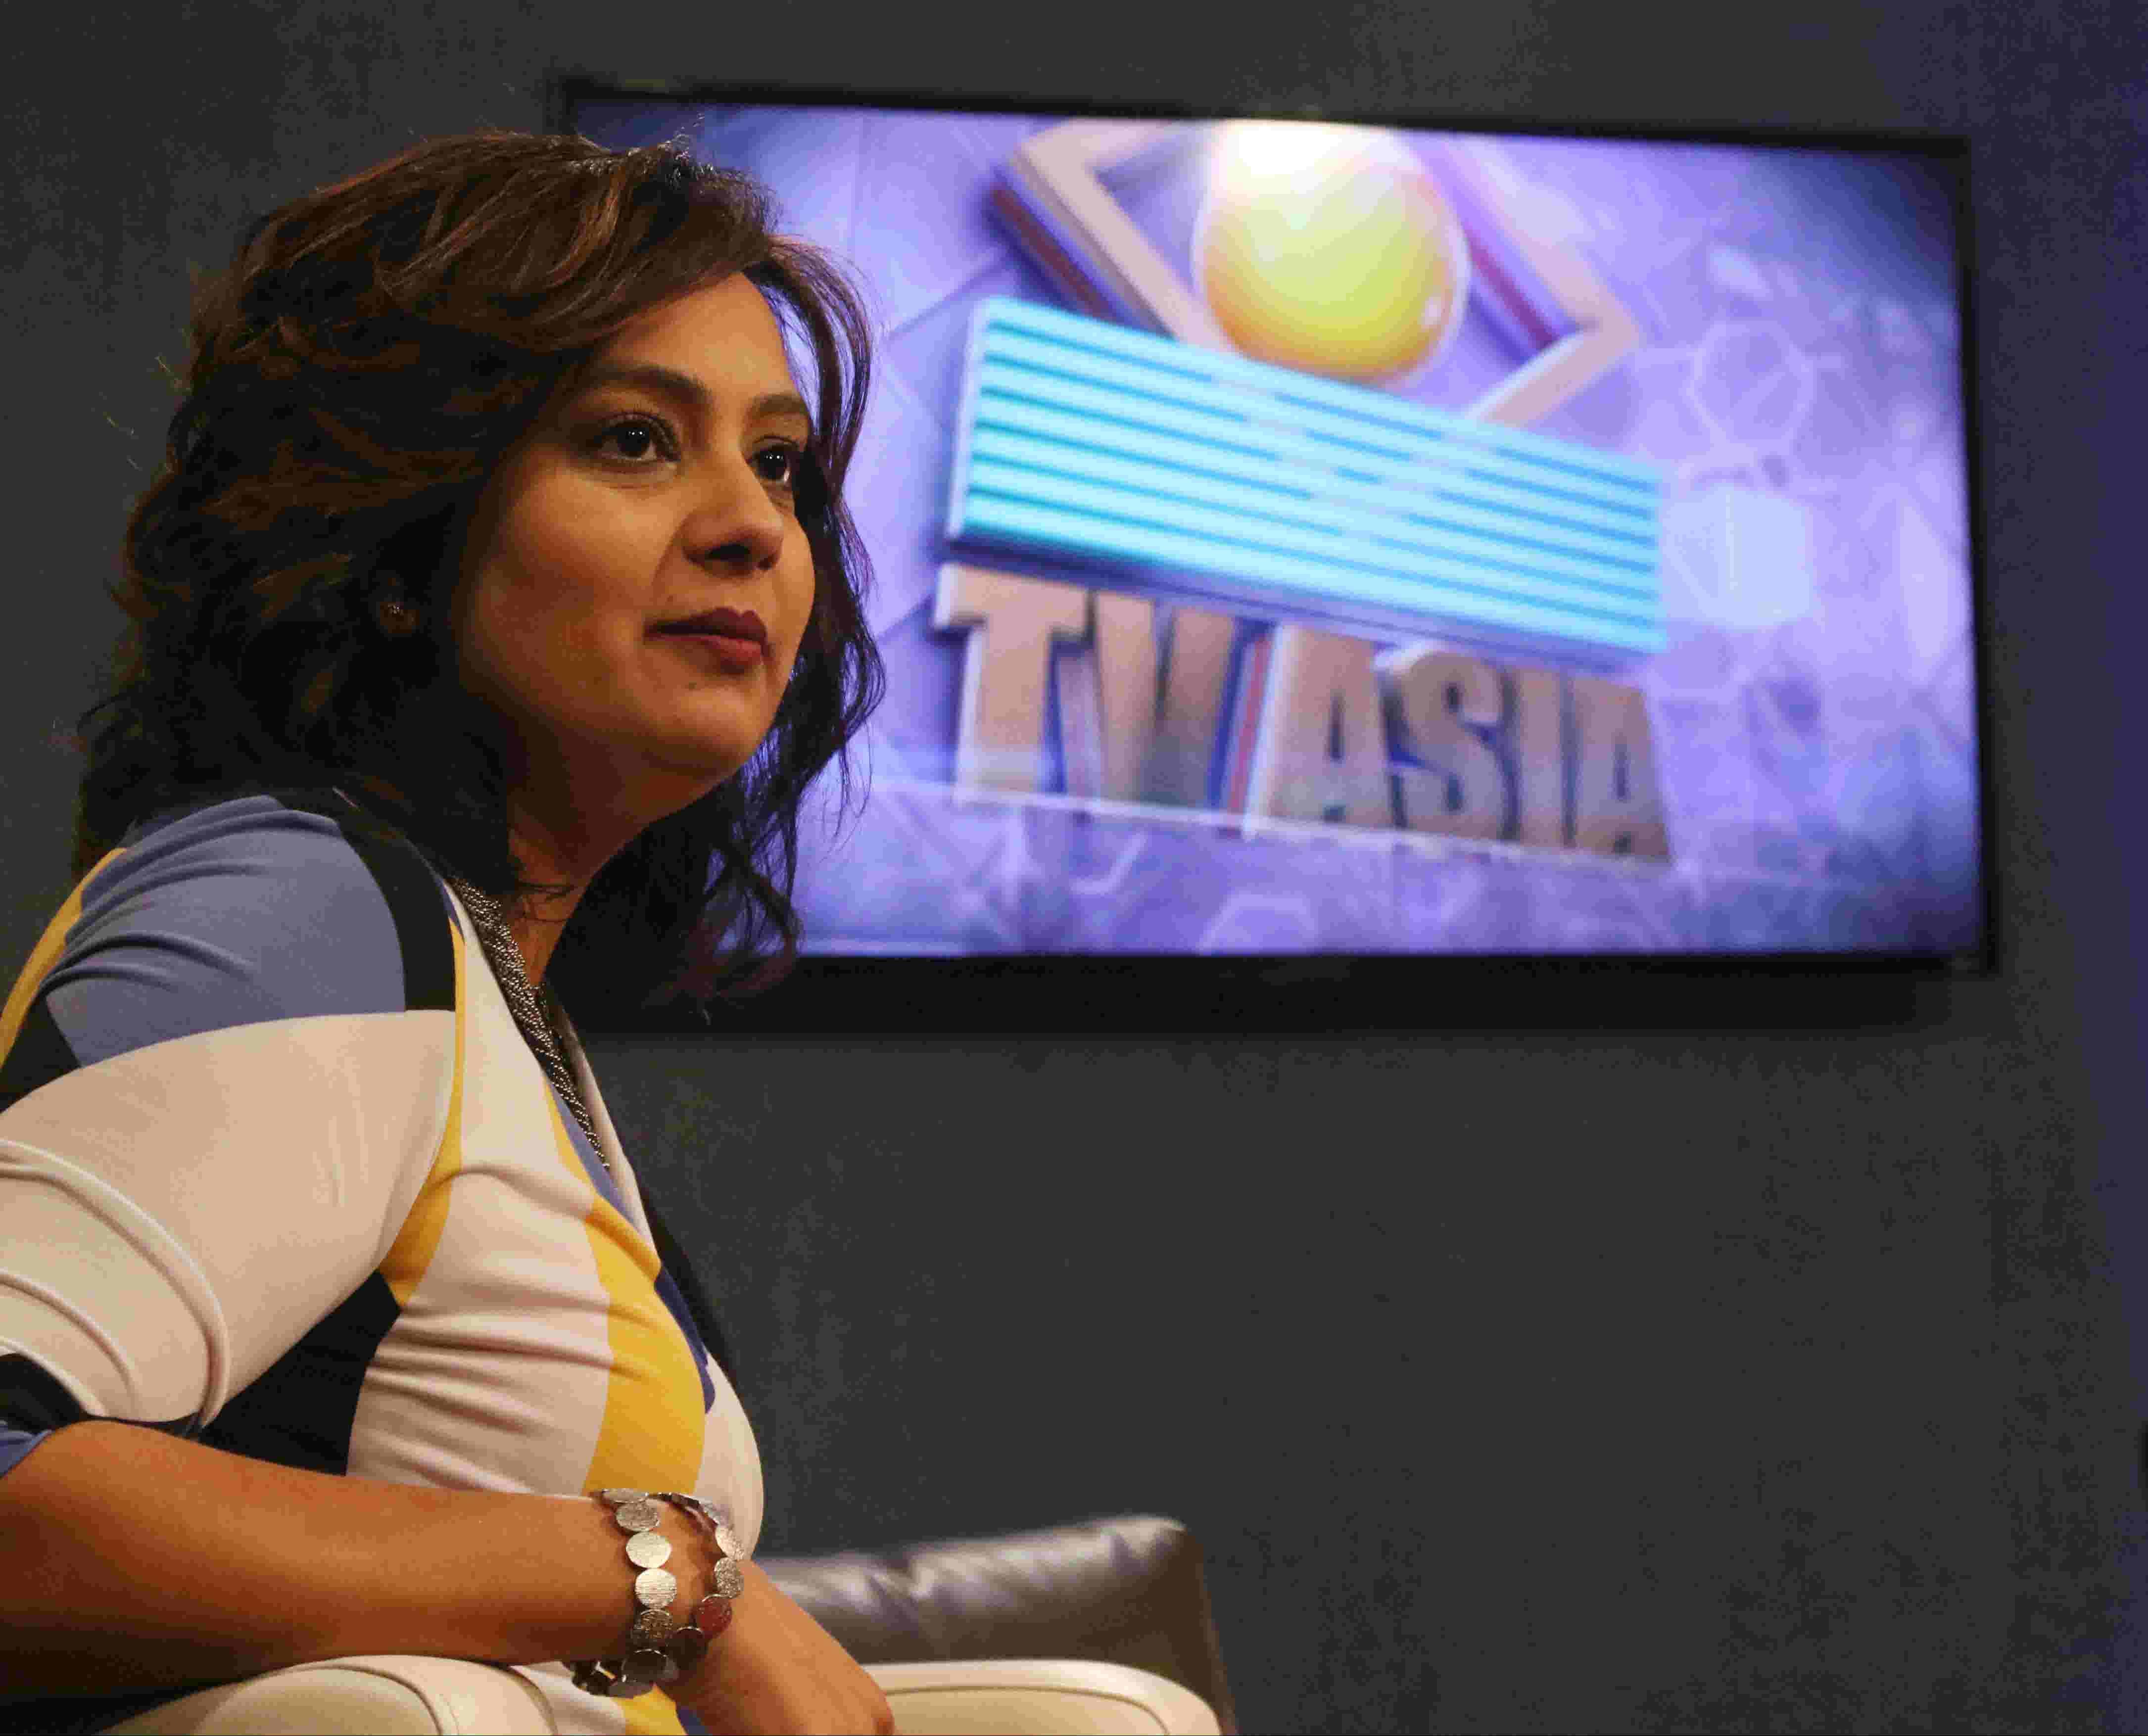 Neha Mahajan hosts a talk show on TV Asia